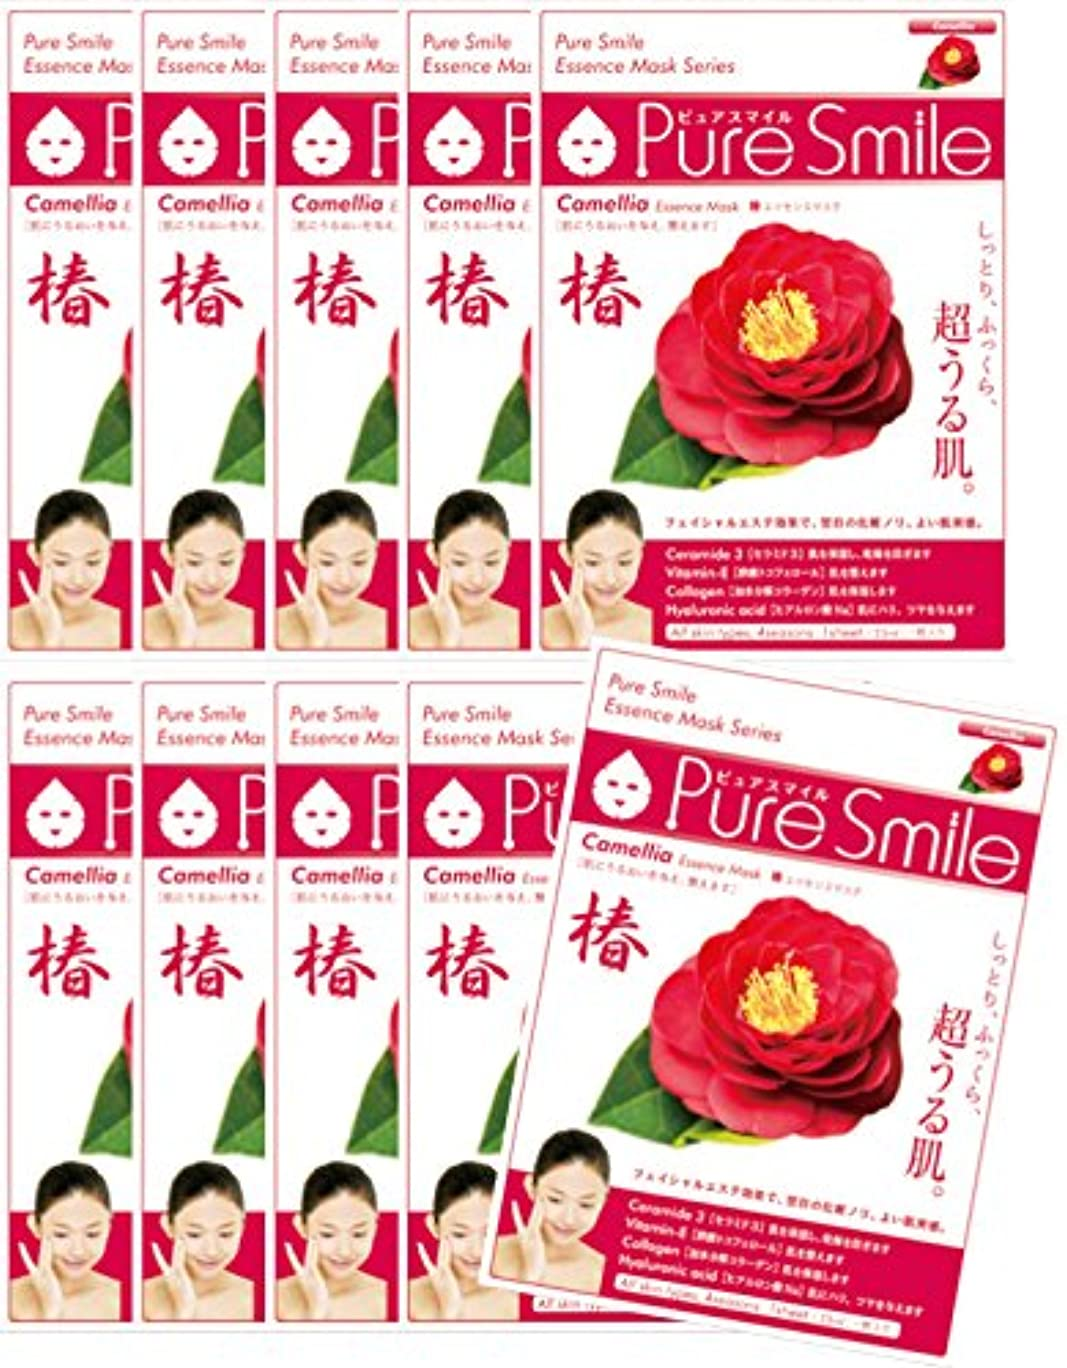 報復するボリューム姪ピュアスマイル エッセンスマスク 日本の恵み シリーズ椿 10枚セット